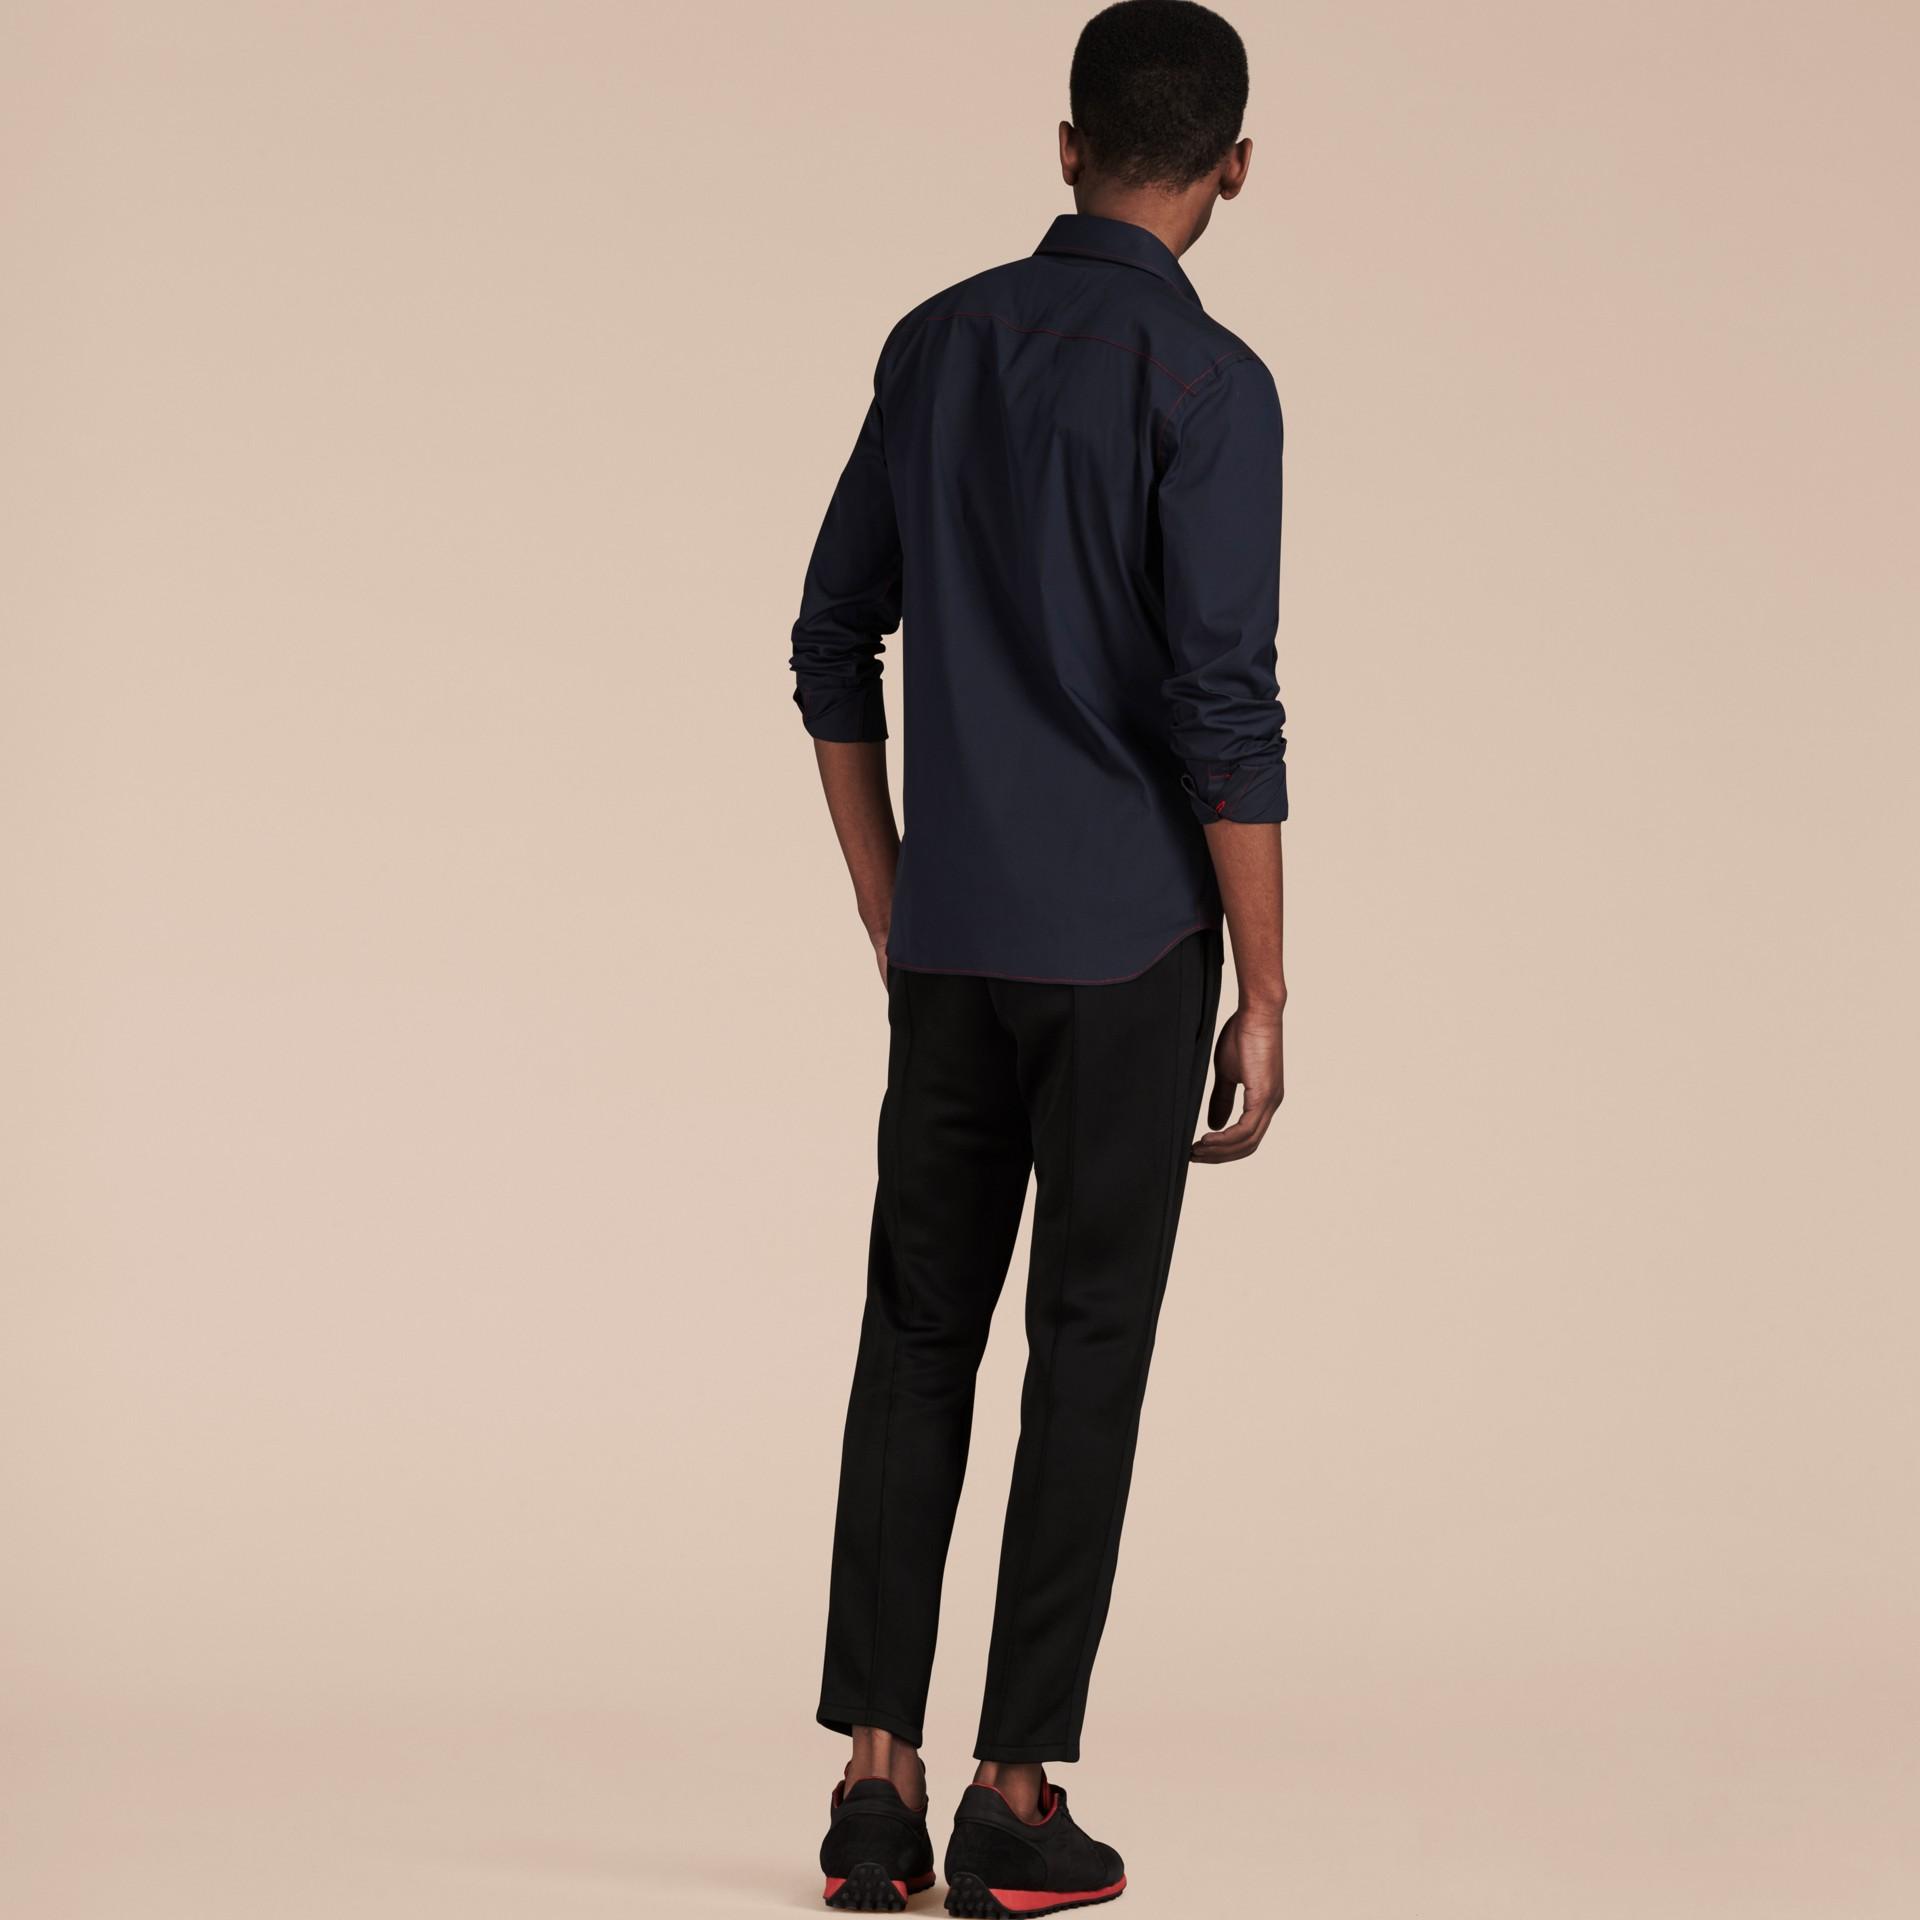 Темно-синий Рубашка с контрастной отстрочкой Темно-синий - изображение 3